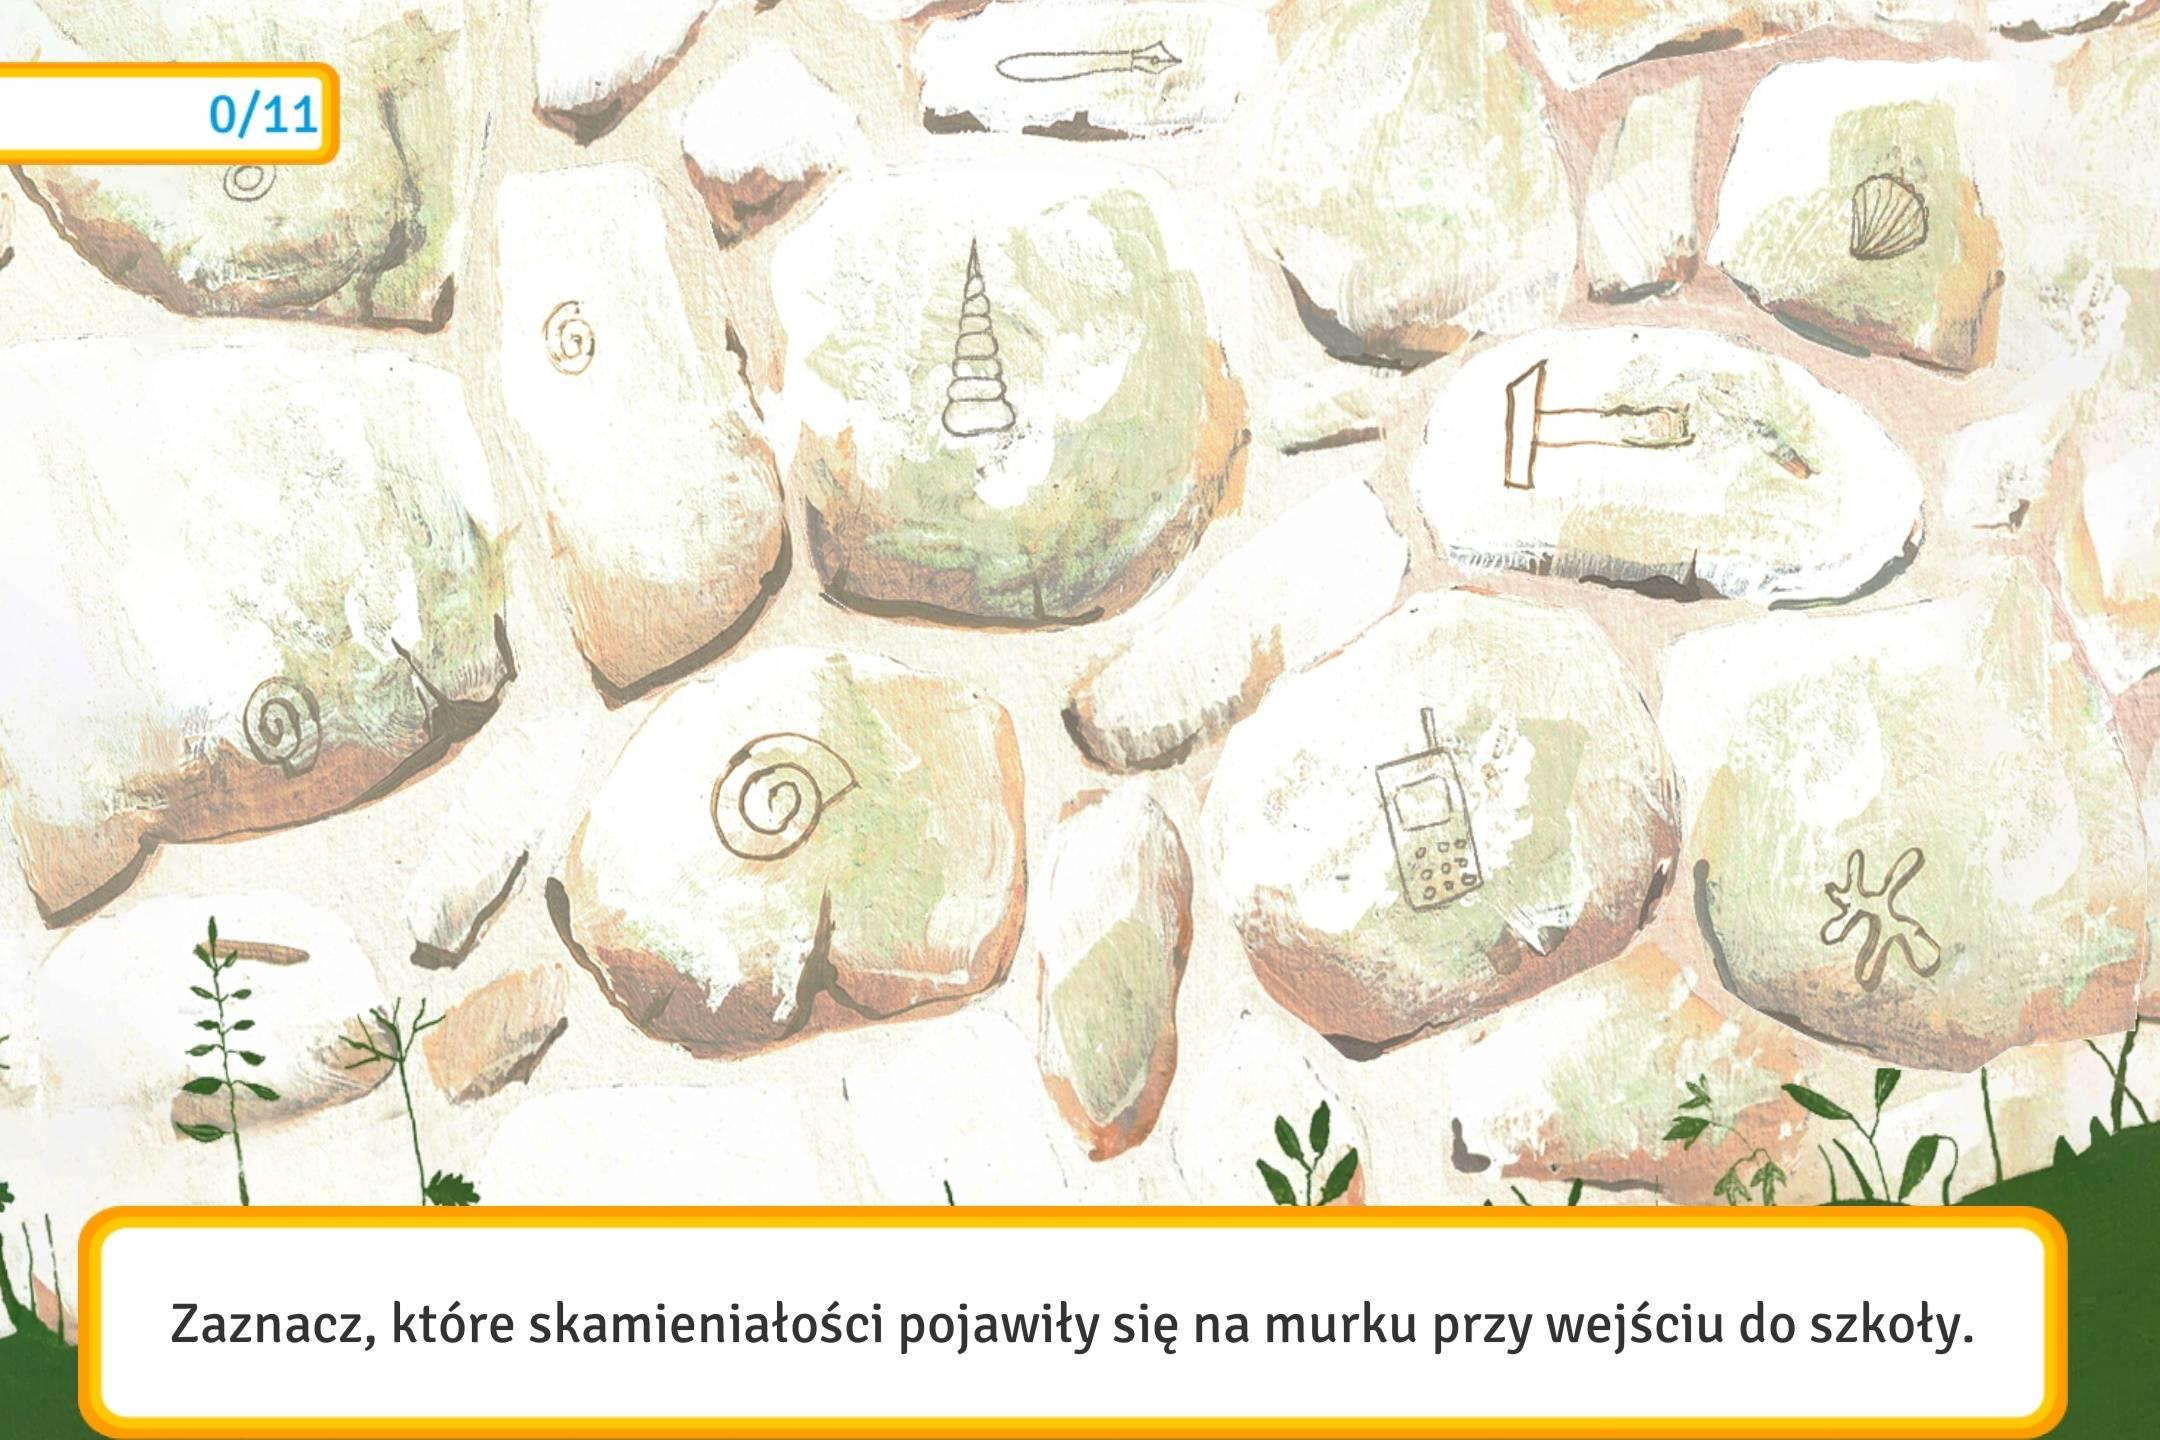 Mały przewodnik po Kazimierzu Dolnym Kazik - skamieniałości